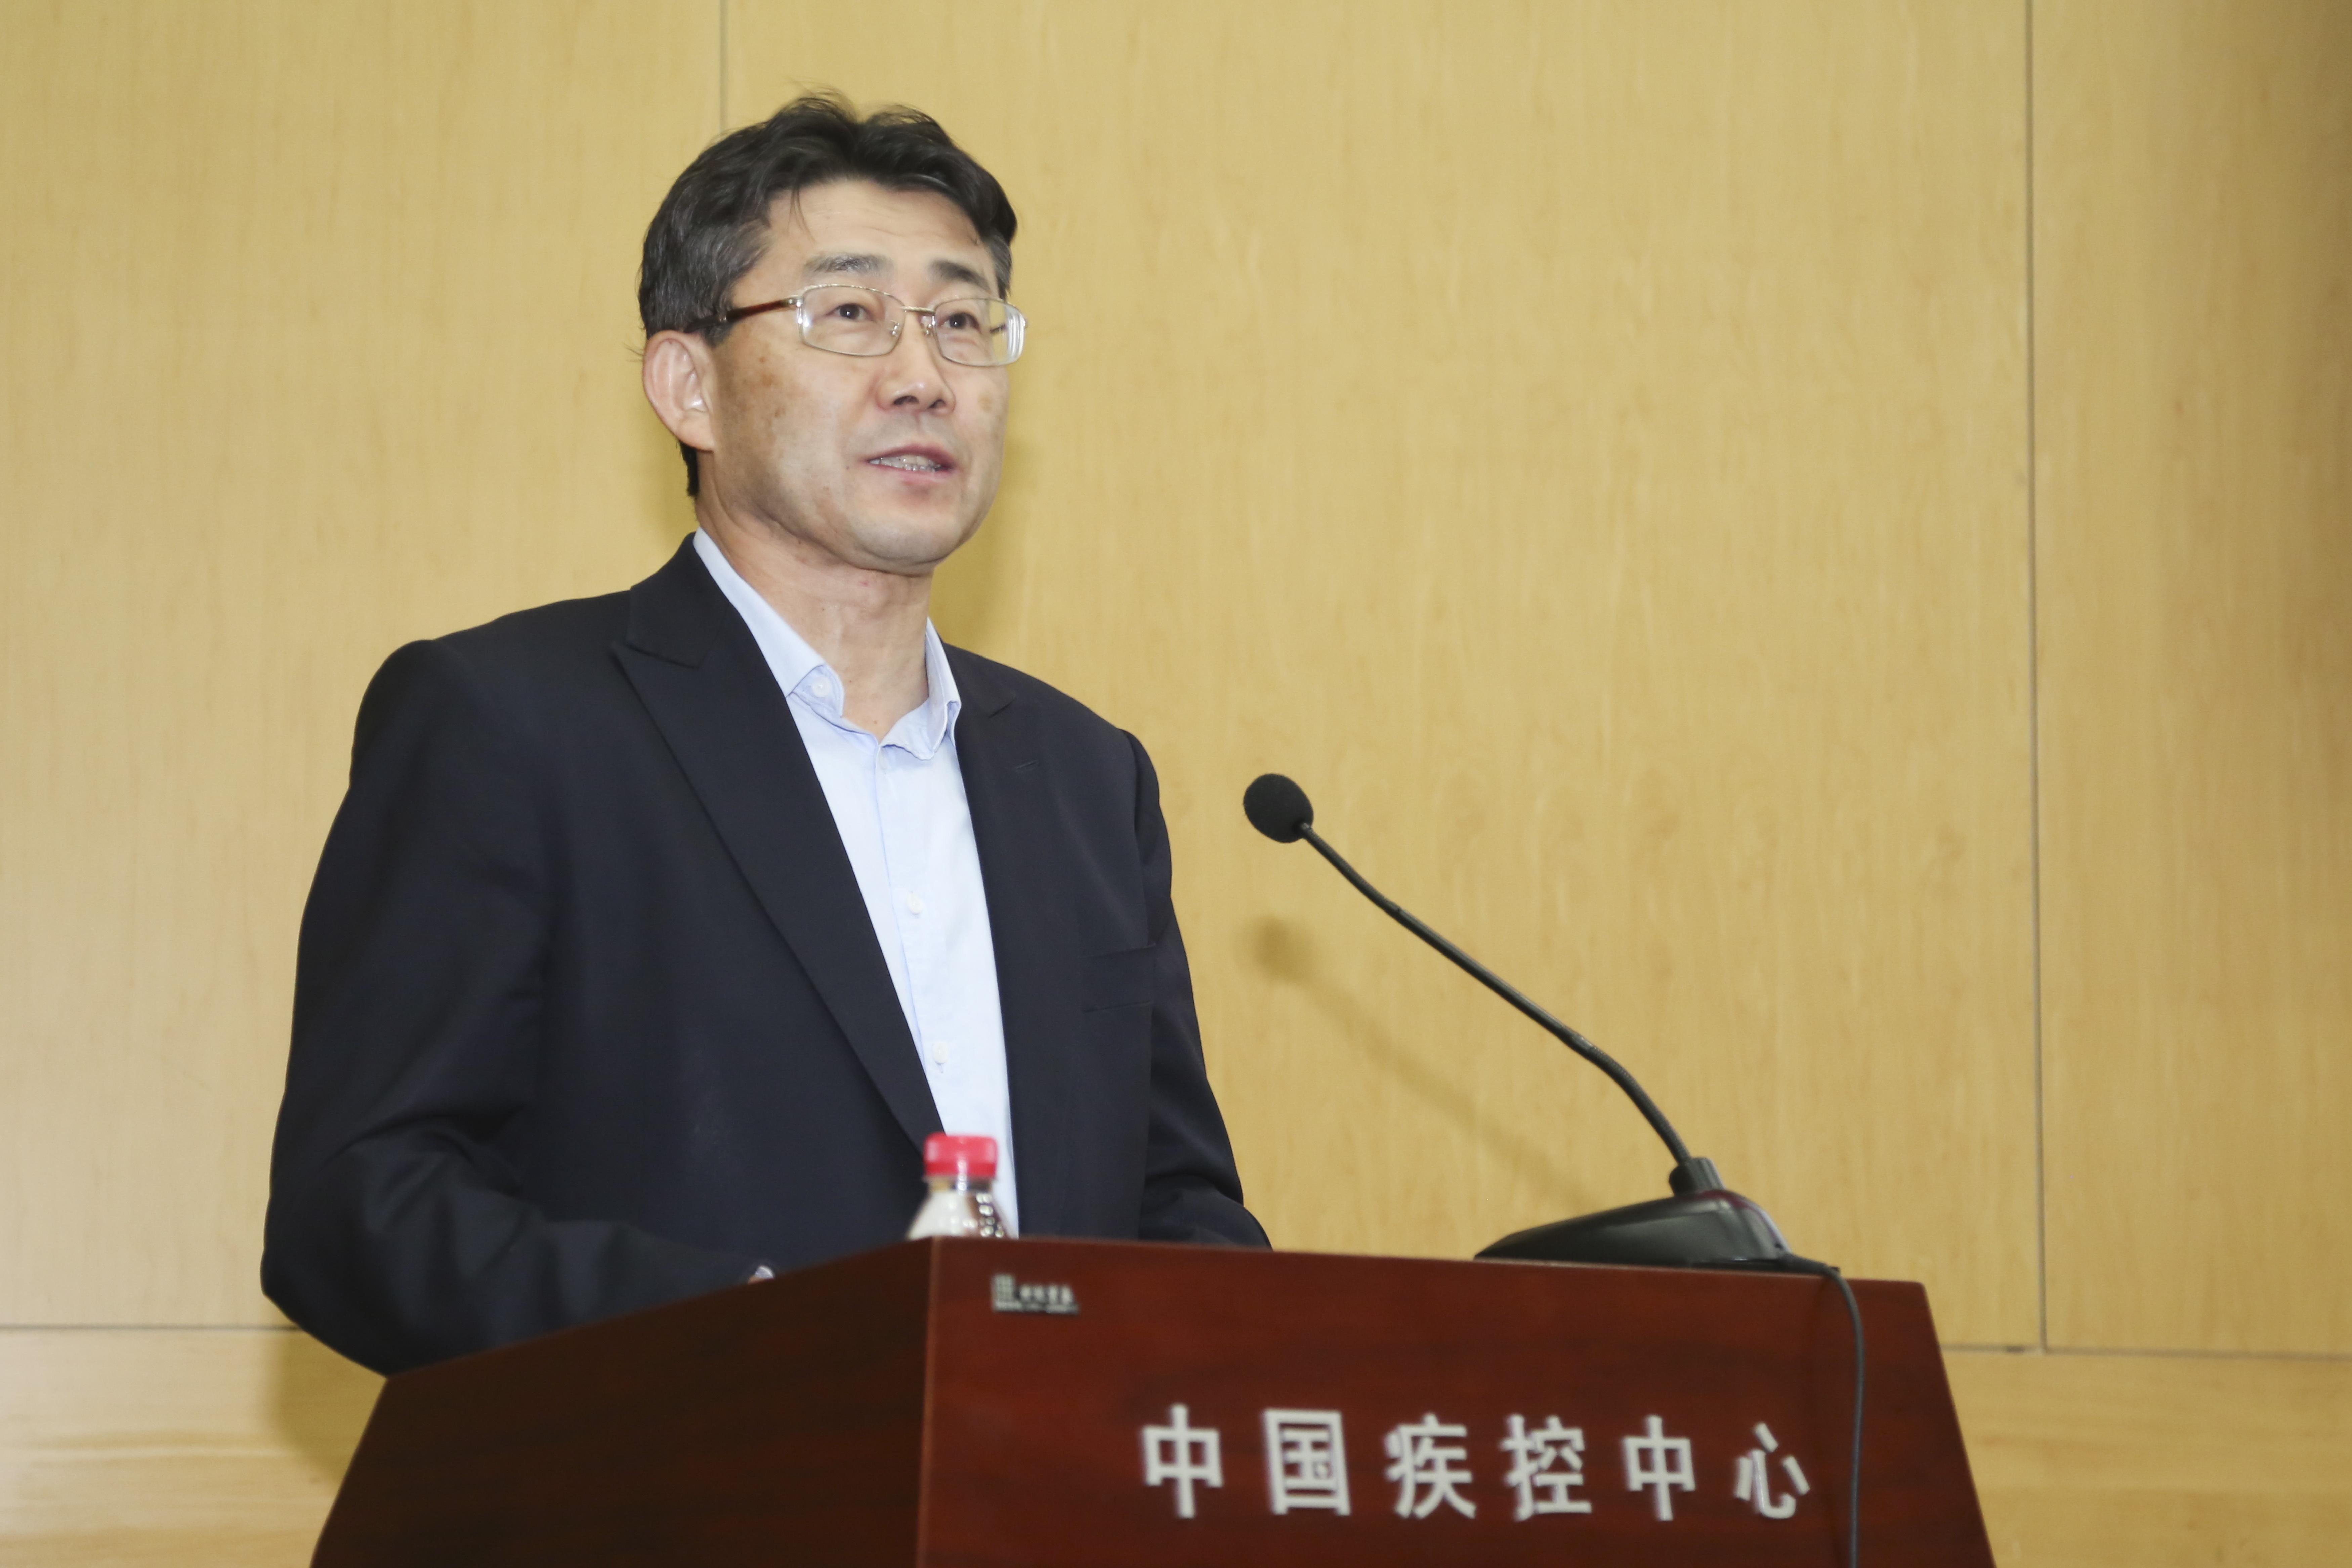 中疾控中心主任高福:我已接种实验型新冠病毒疫苗